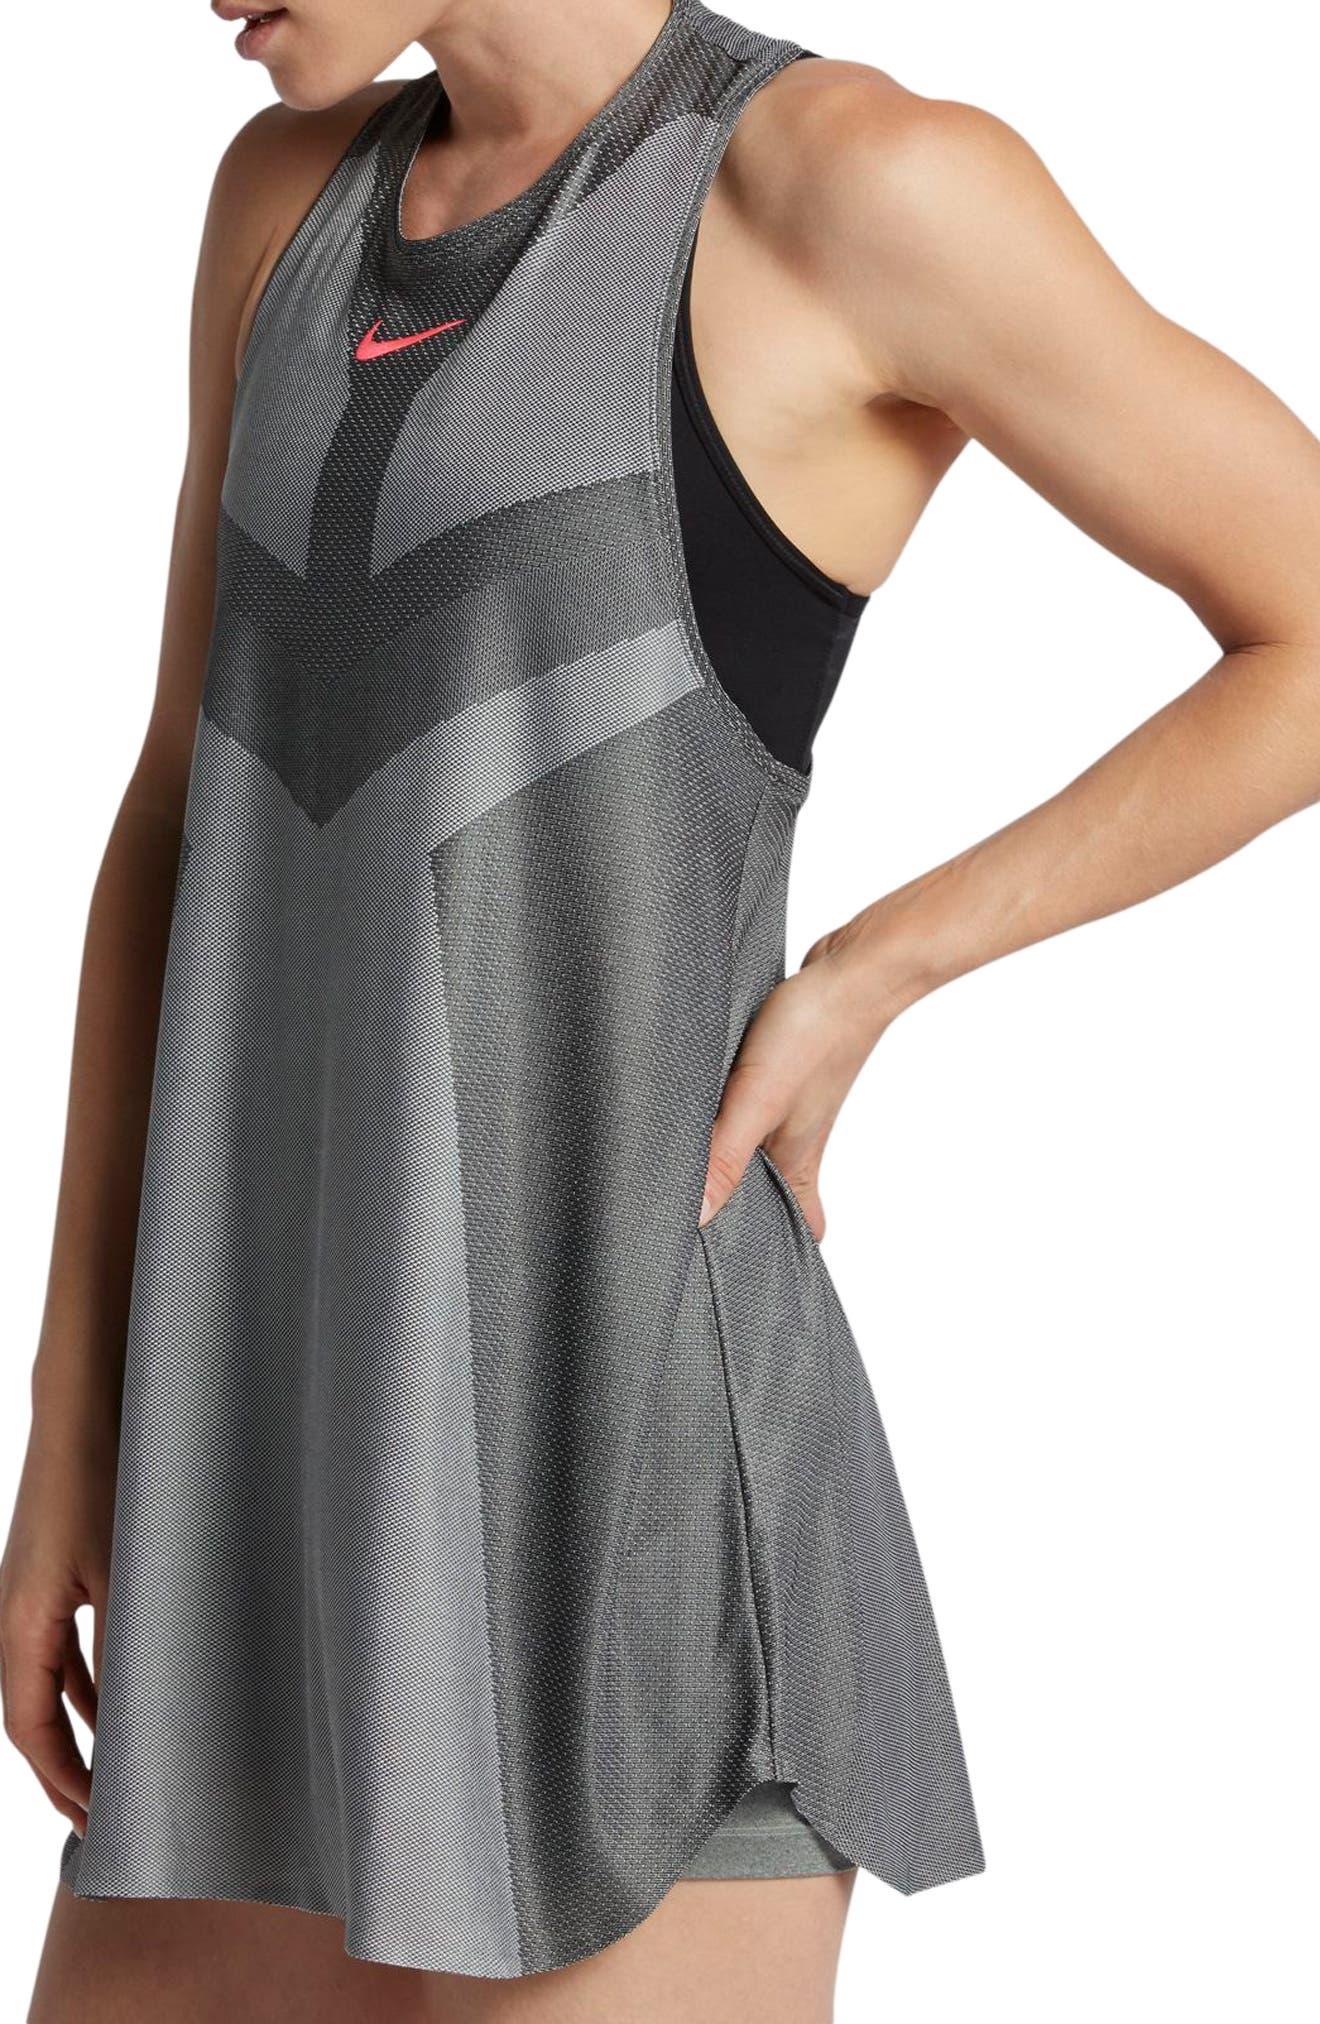 Alternate Image 3  - Nike Court Dry Slam Tennis Dress